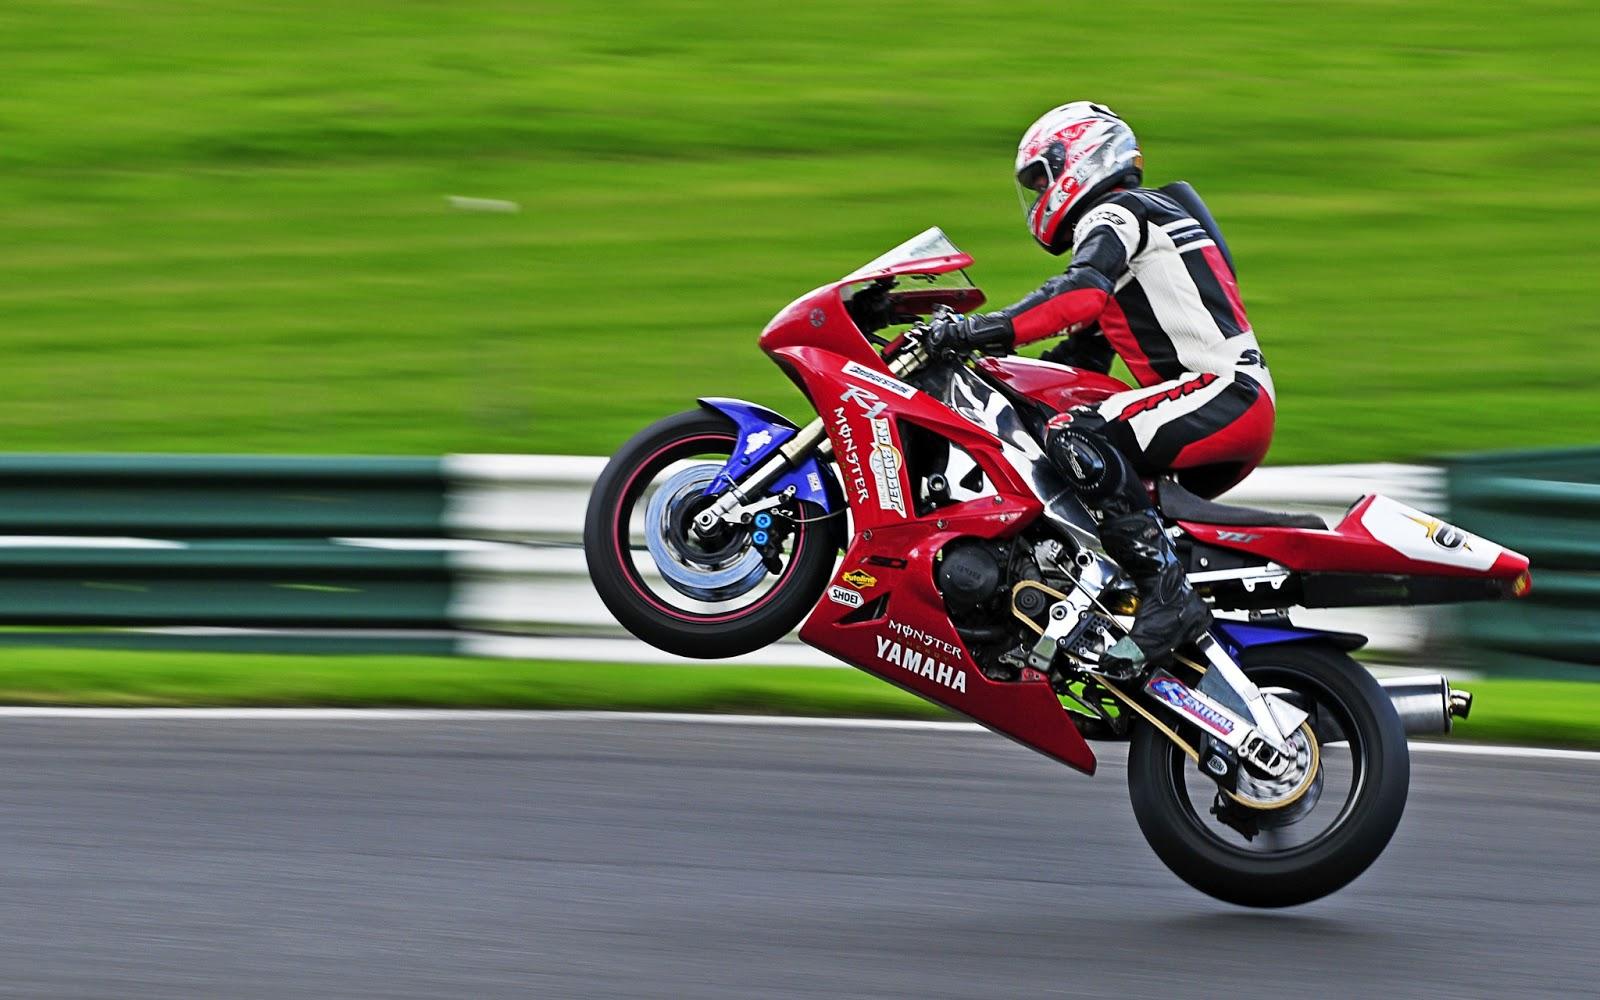 Fondos De Pantalla Carreras Proibidas: Imagenes Y Wallpapers: Fondo De Pantalla Moto Carrera Yamaha